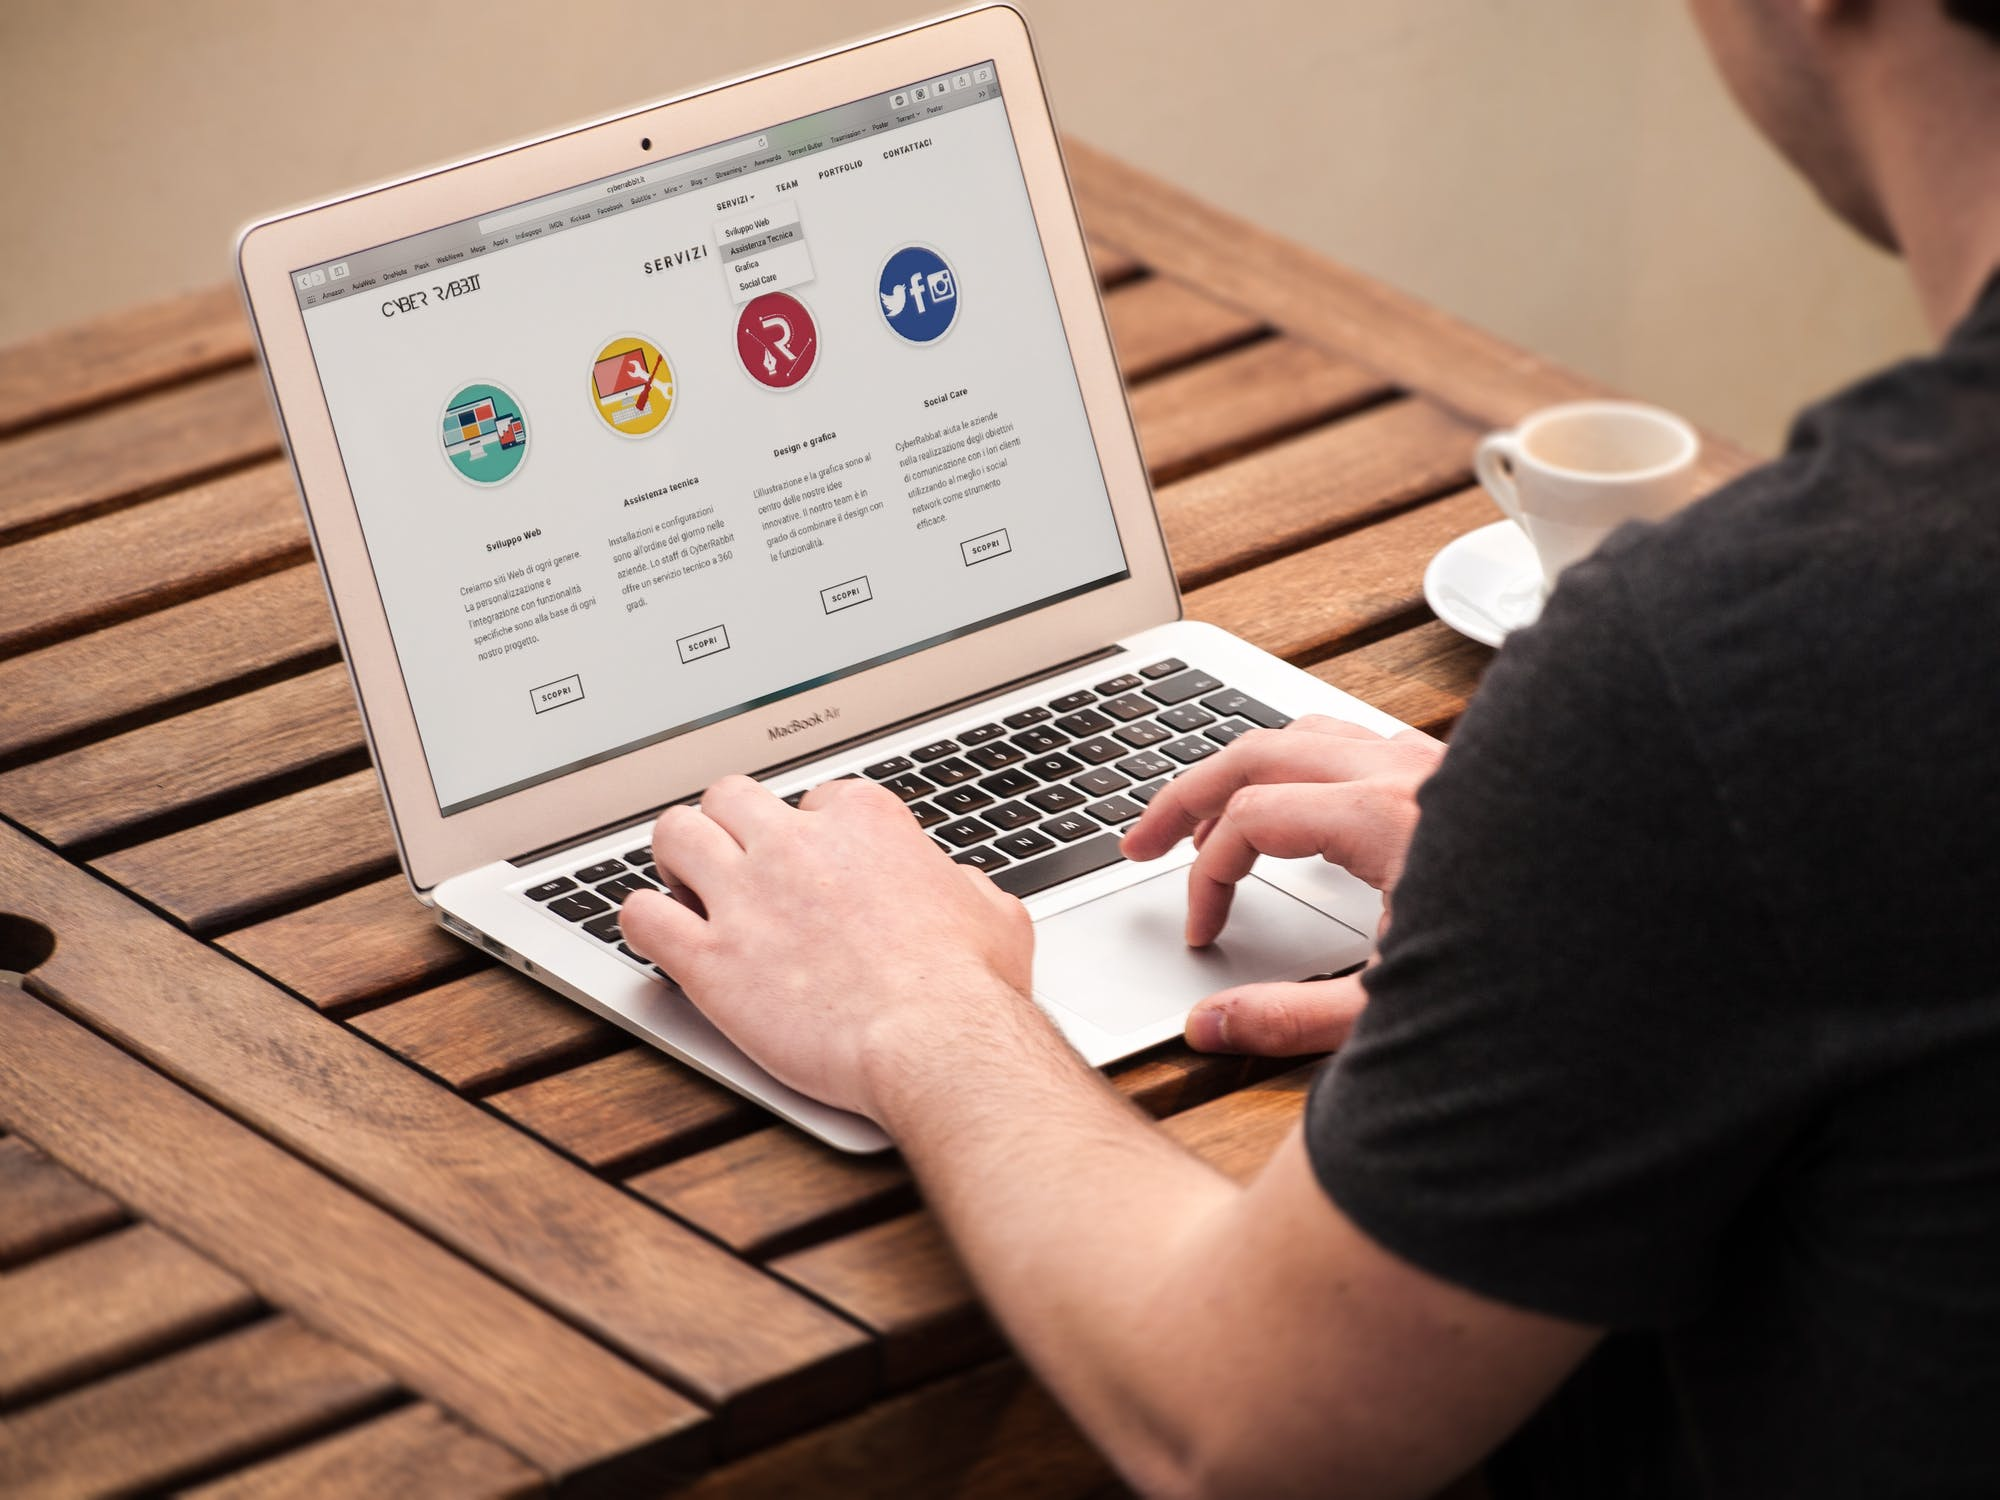 desarrollo web valencia